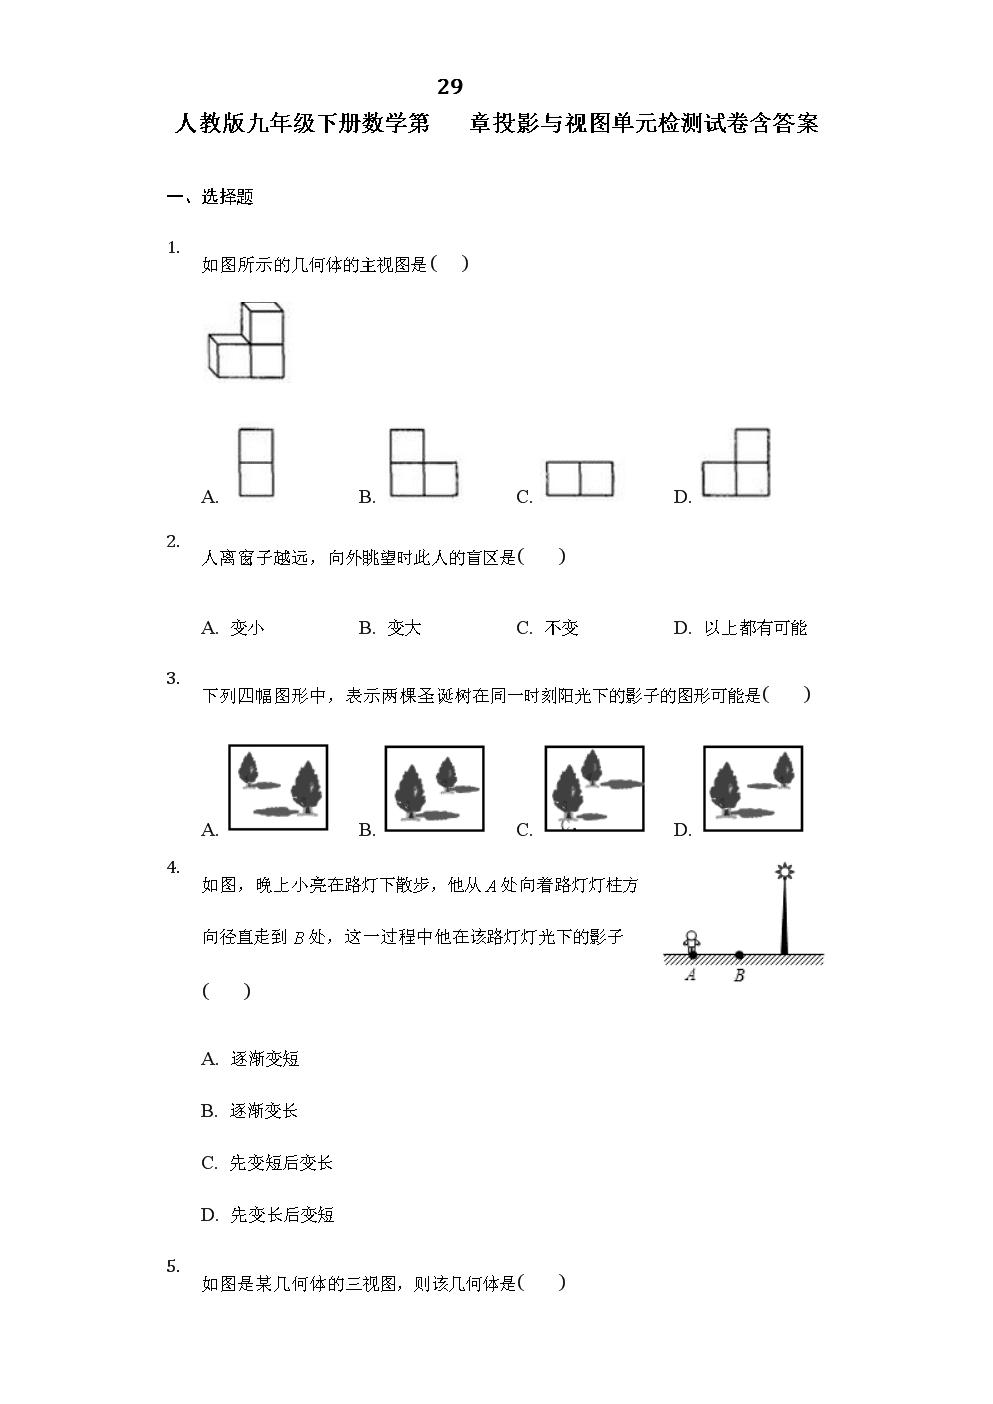 人教版九年级下册数学第29章投影与视图单元检测试卷含答案.docx